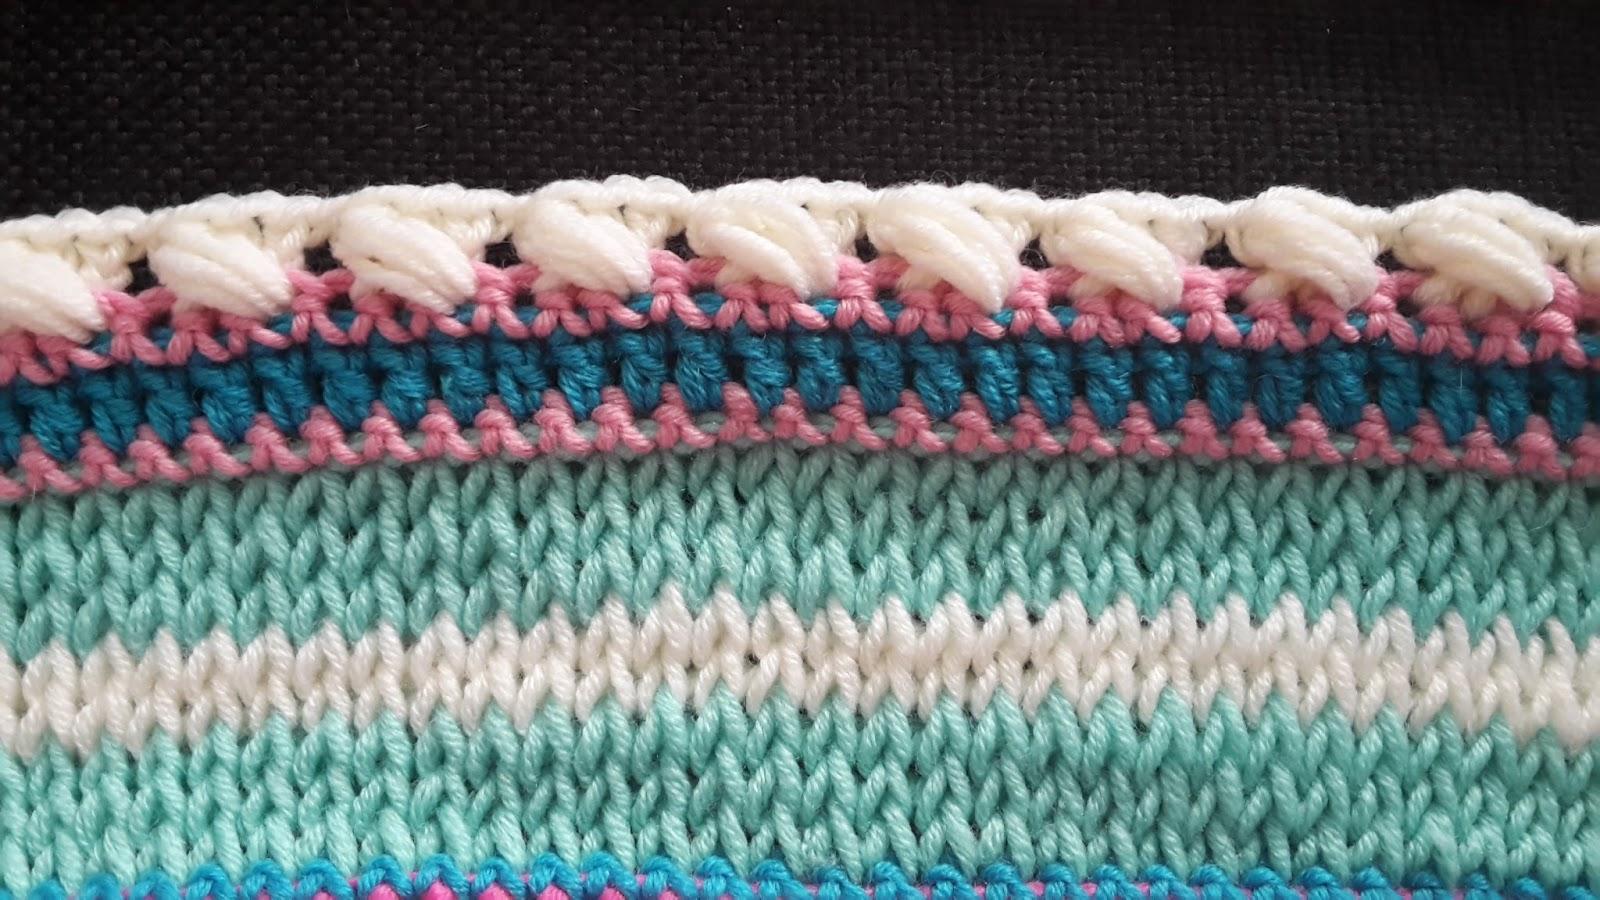 Crochet Pattern Tester 2017 : Knutsels van Jolanda: Double Trouble Crochet ALong 2017 ...